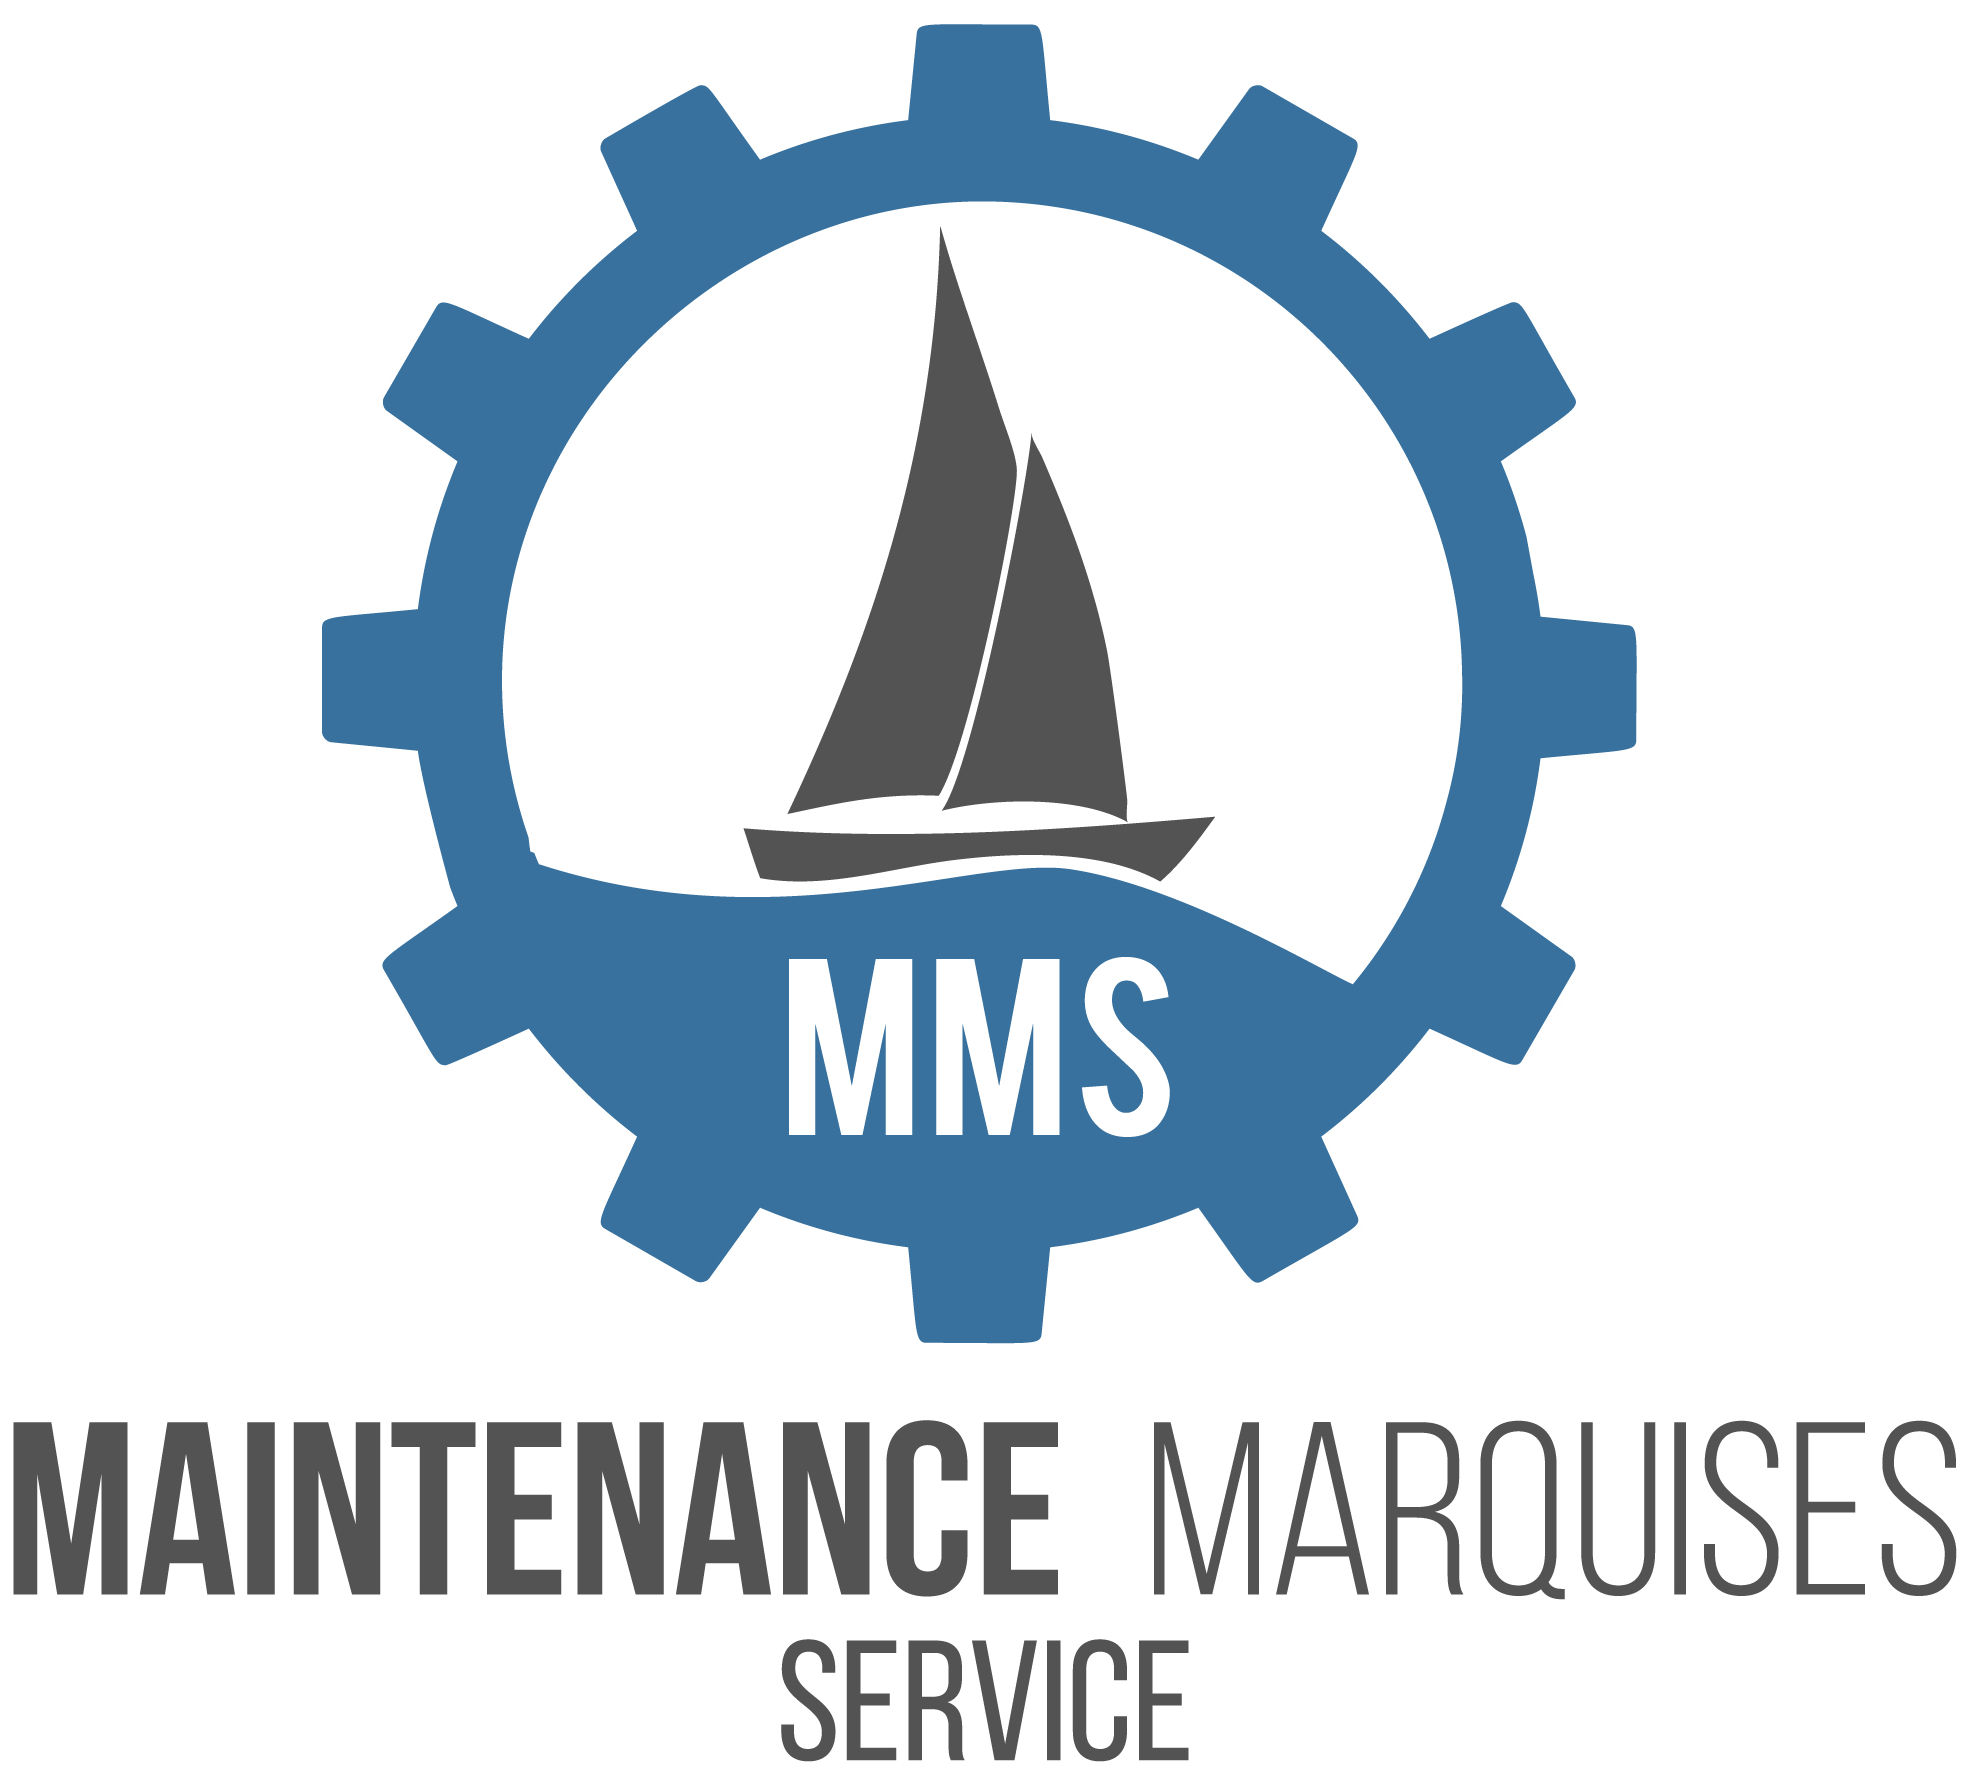 mms-logo-light.jpg